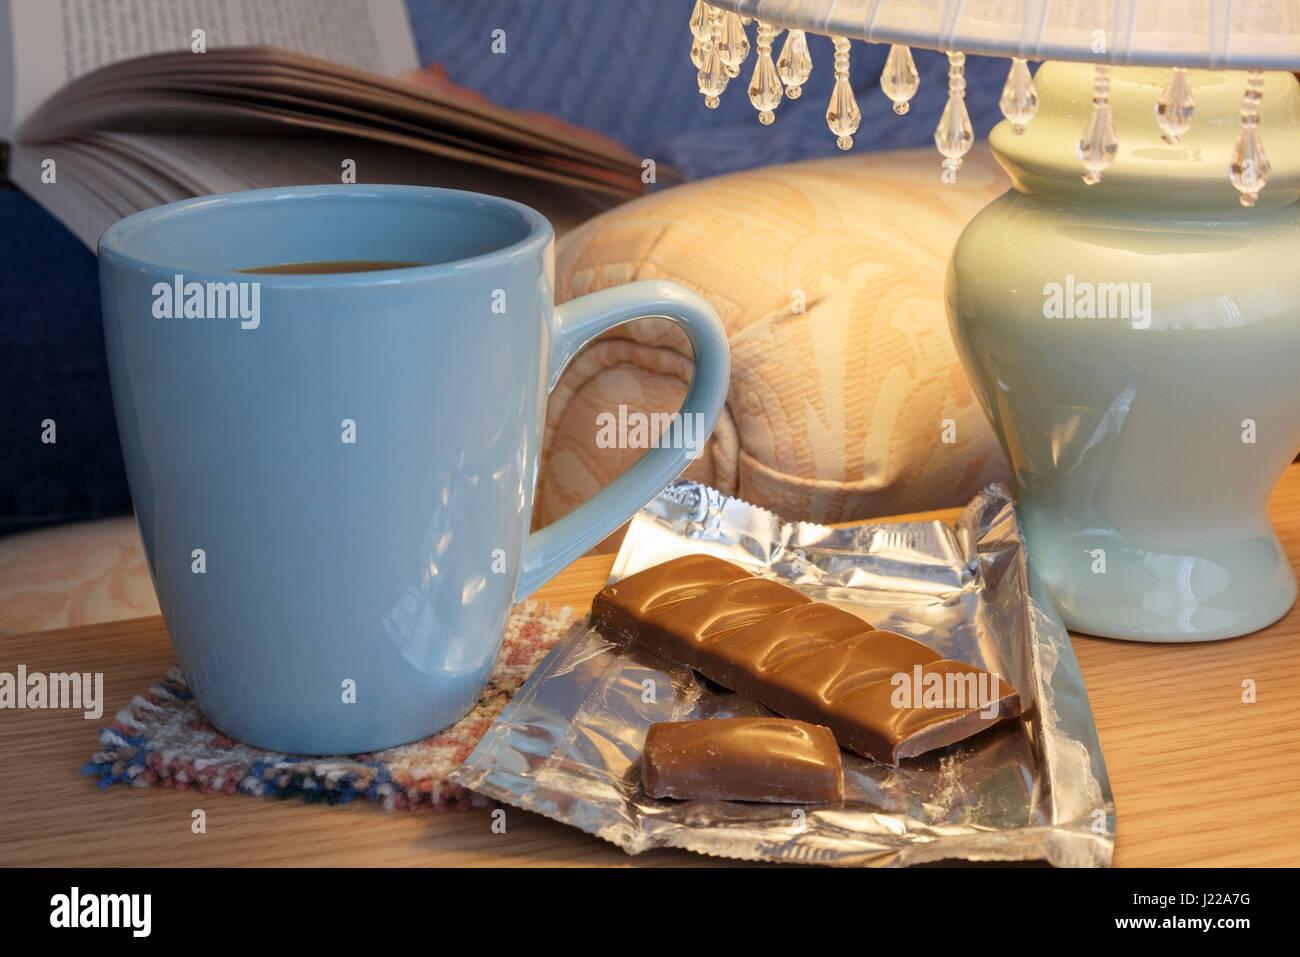 Lo stile di vita quotidiano hygge casalingo scena di una persona rilassarsi leggendo un libro con la tazza di caffè Immagini Stock